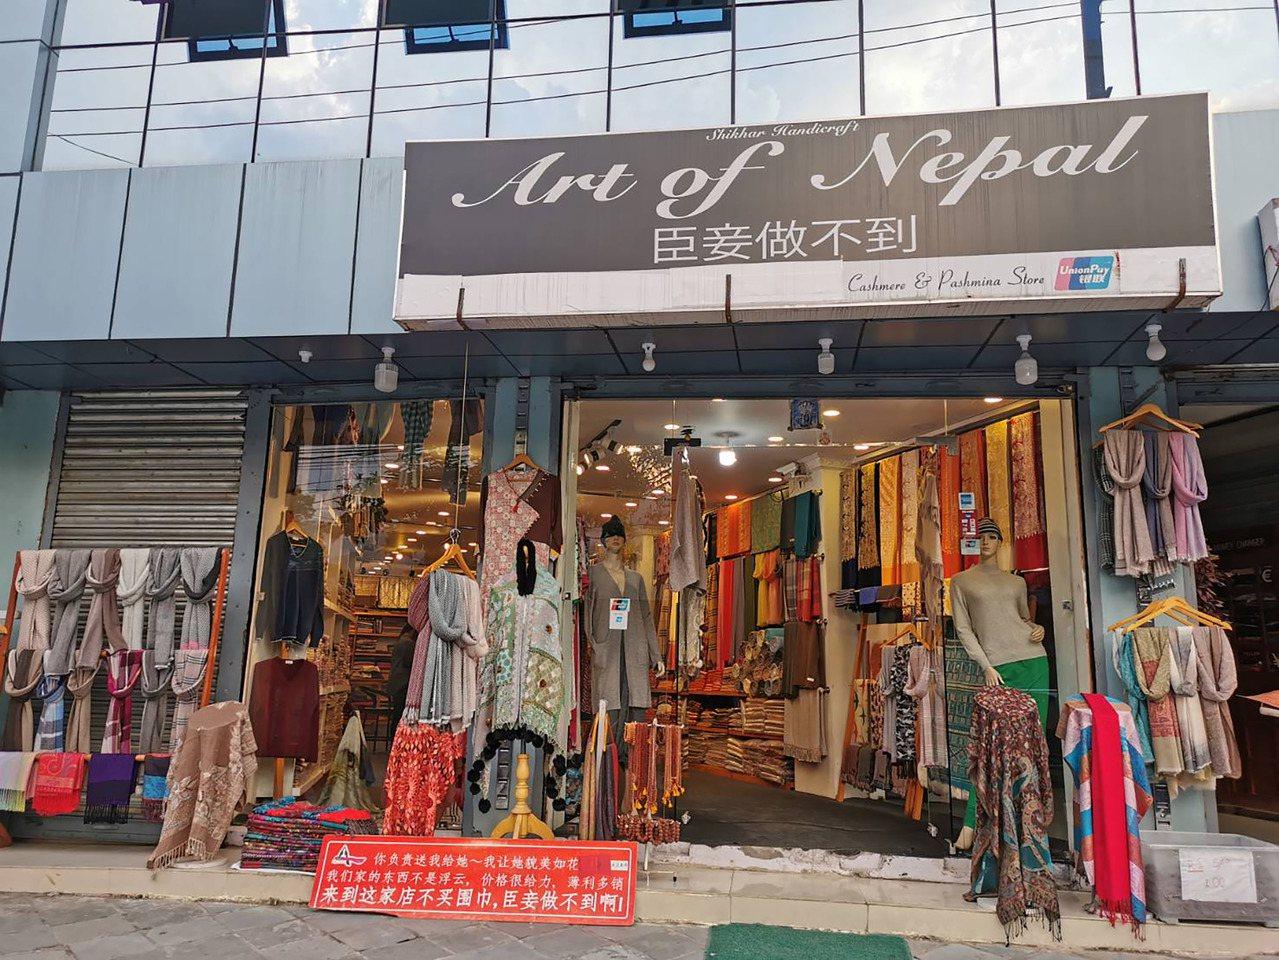 位在尼泊爾第2大城市波卡拉(Pokhara)街上,販售傳統服飾的店家在招牌寫上中...